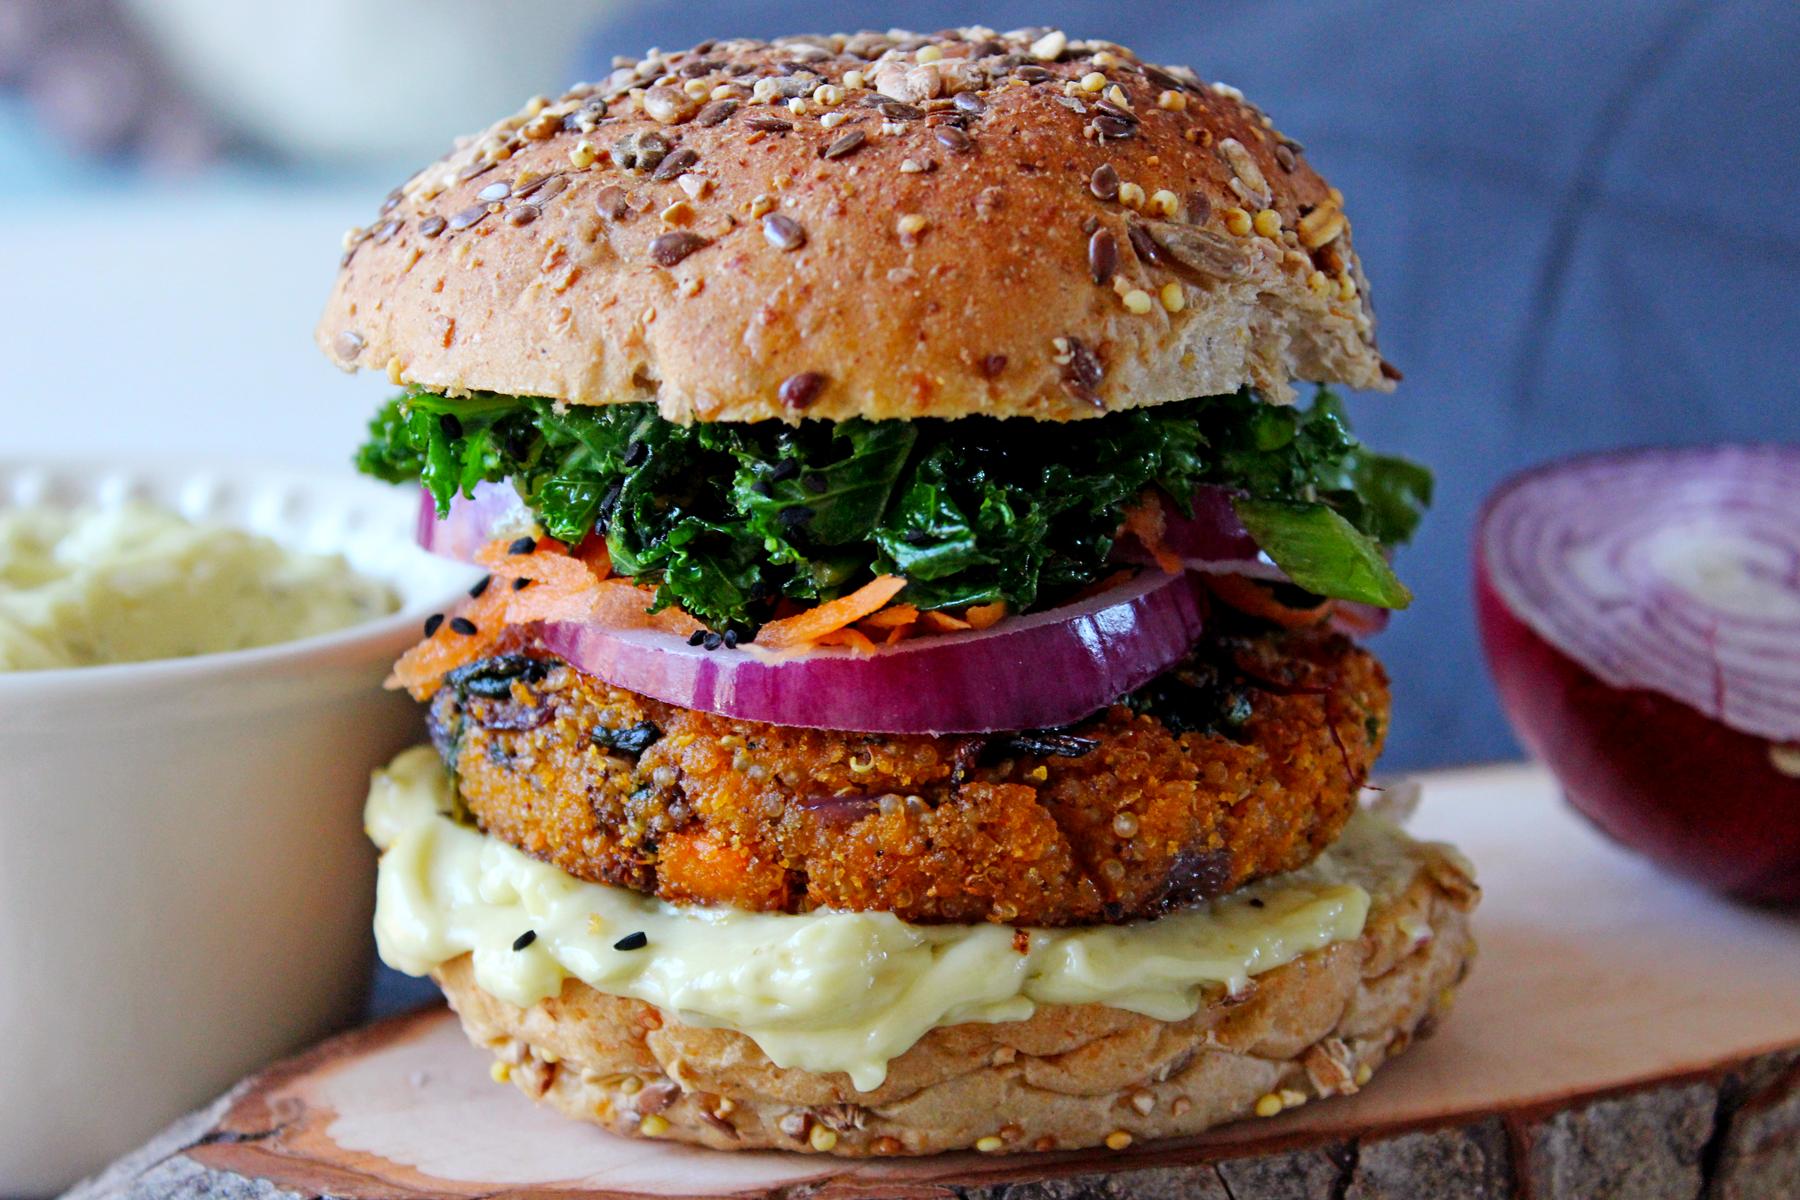 Burger de patate douce, épinards et quinoa, kale sauté à l'ail et carotte